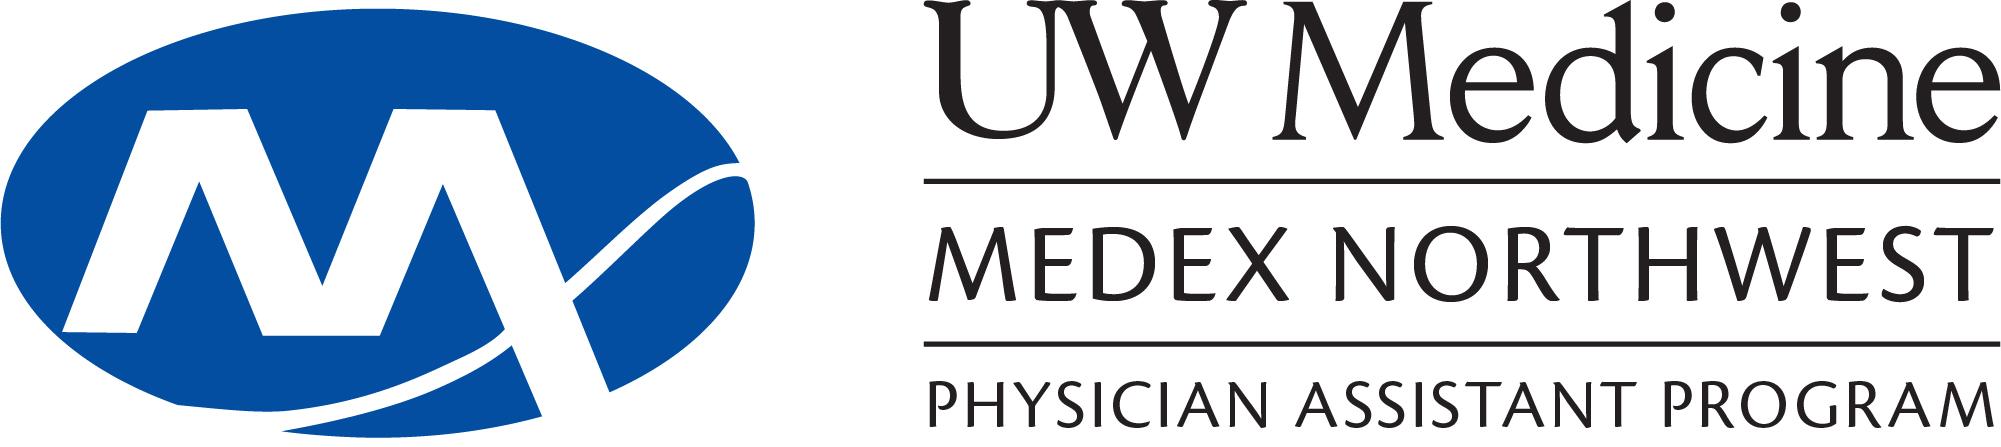 MEDEX Northwest, University of Washington